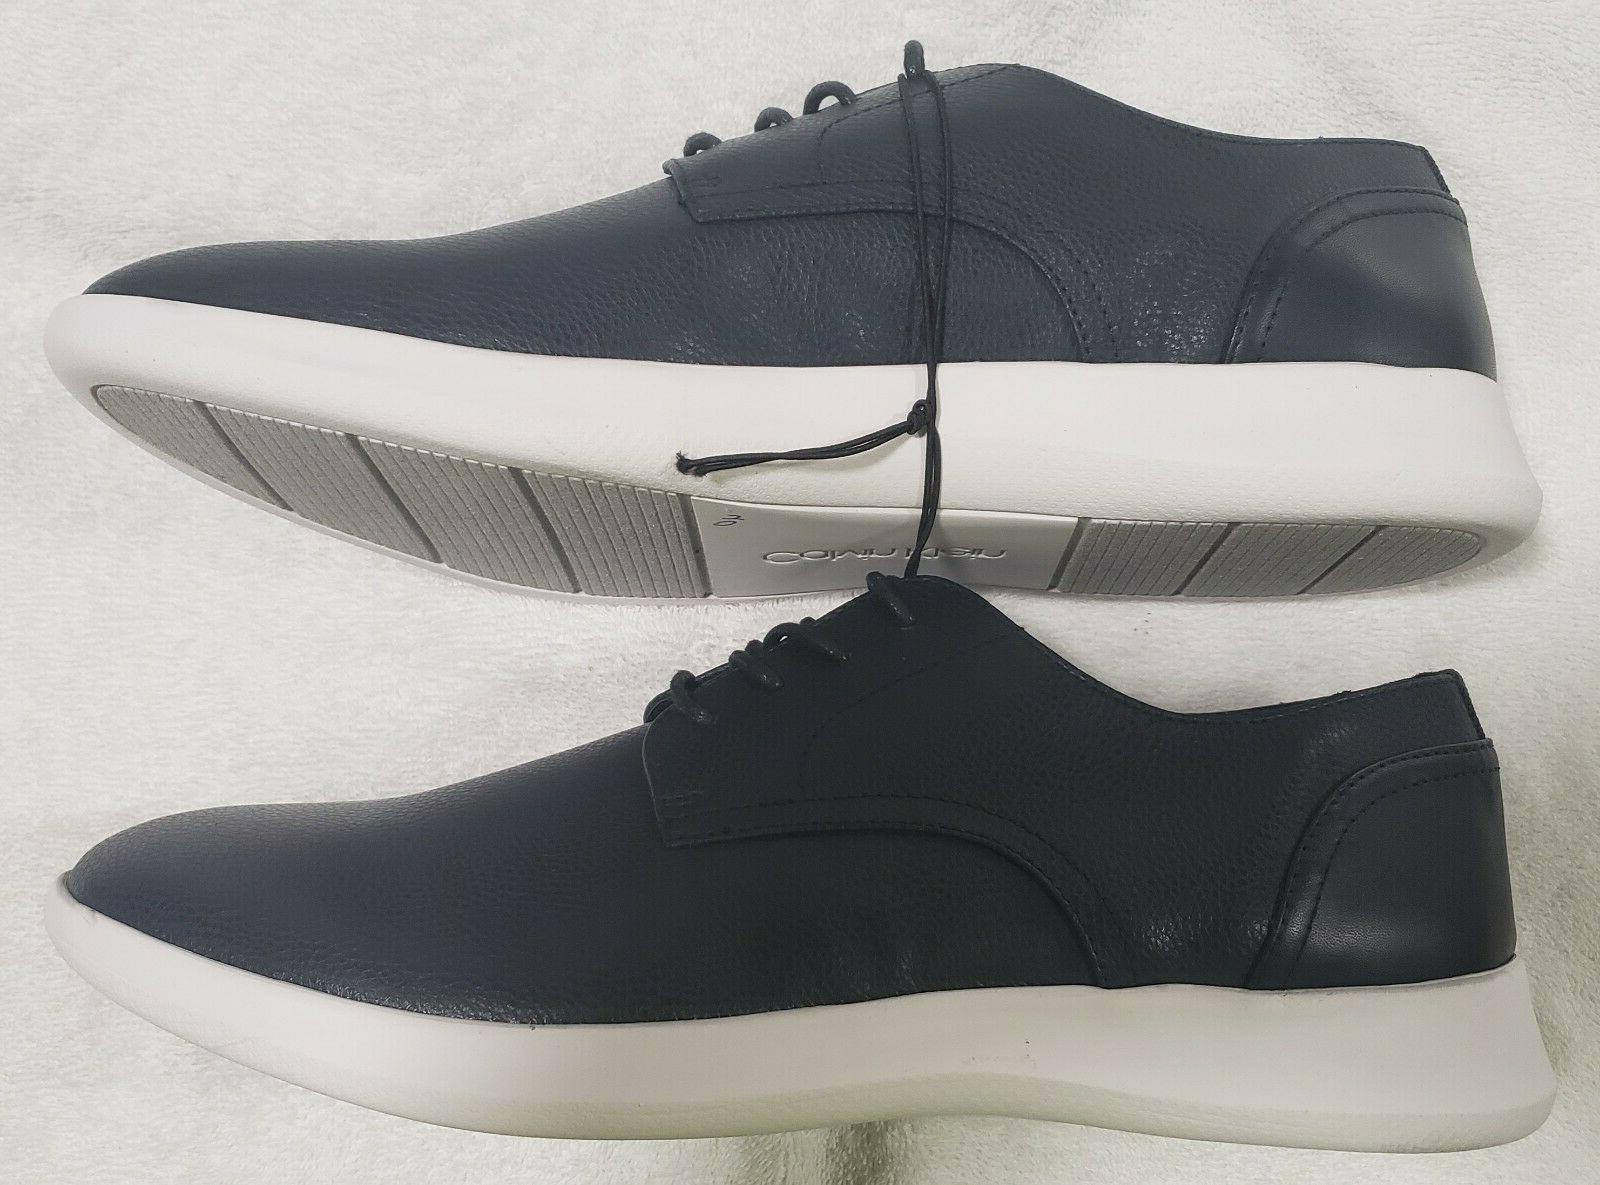 NWOB Men's Dress Shoes Size 12